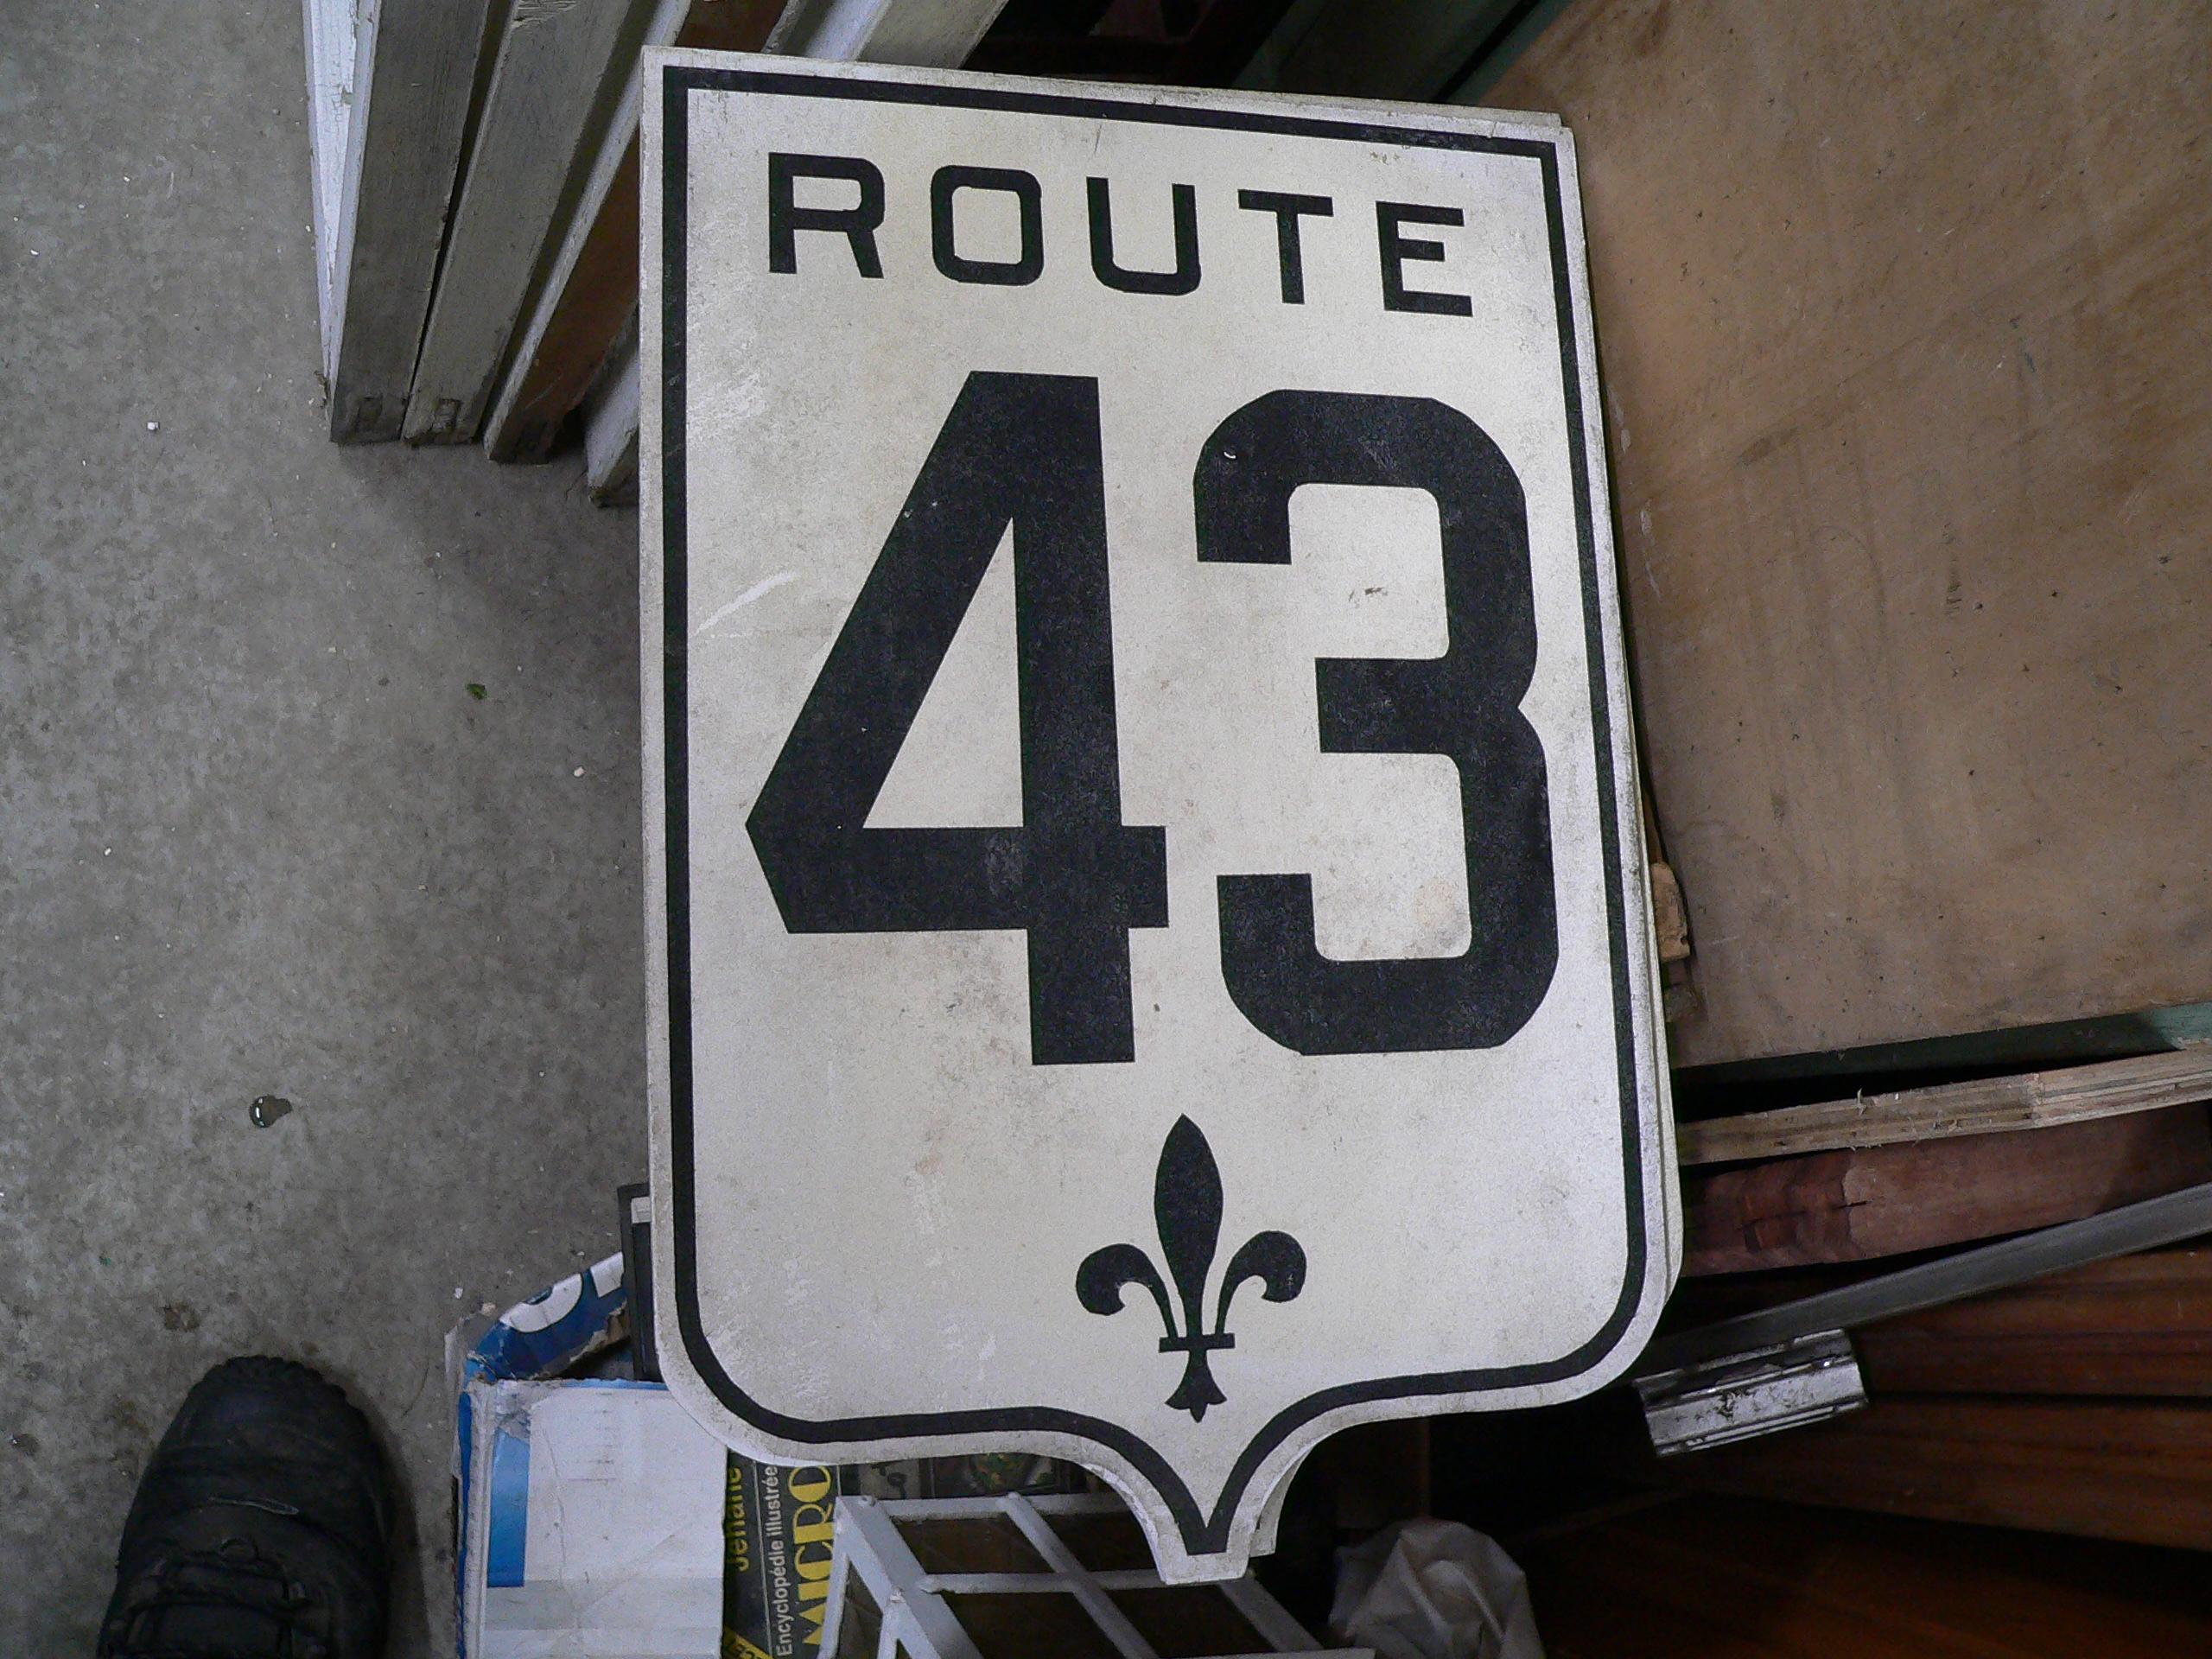 Ancienne enseigne routière # 5855.12